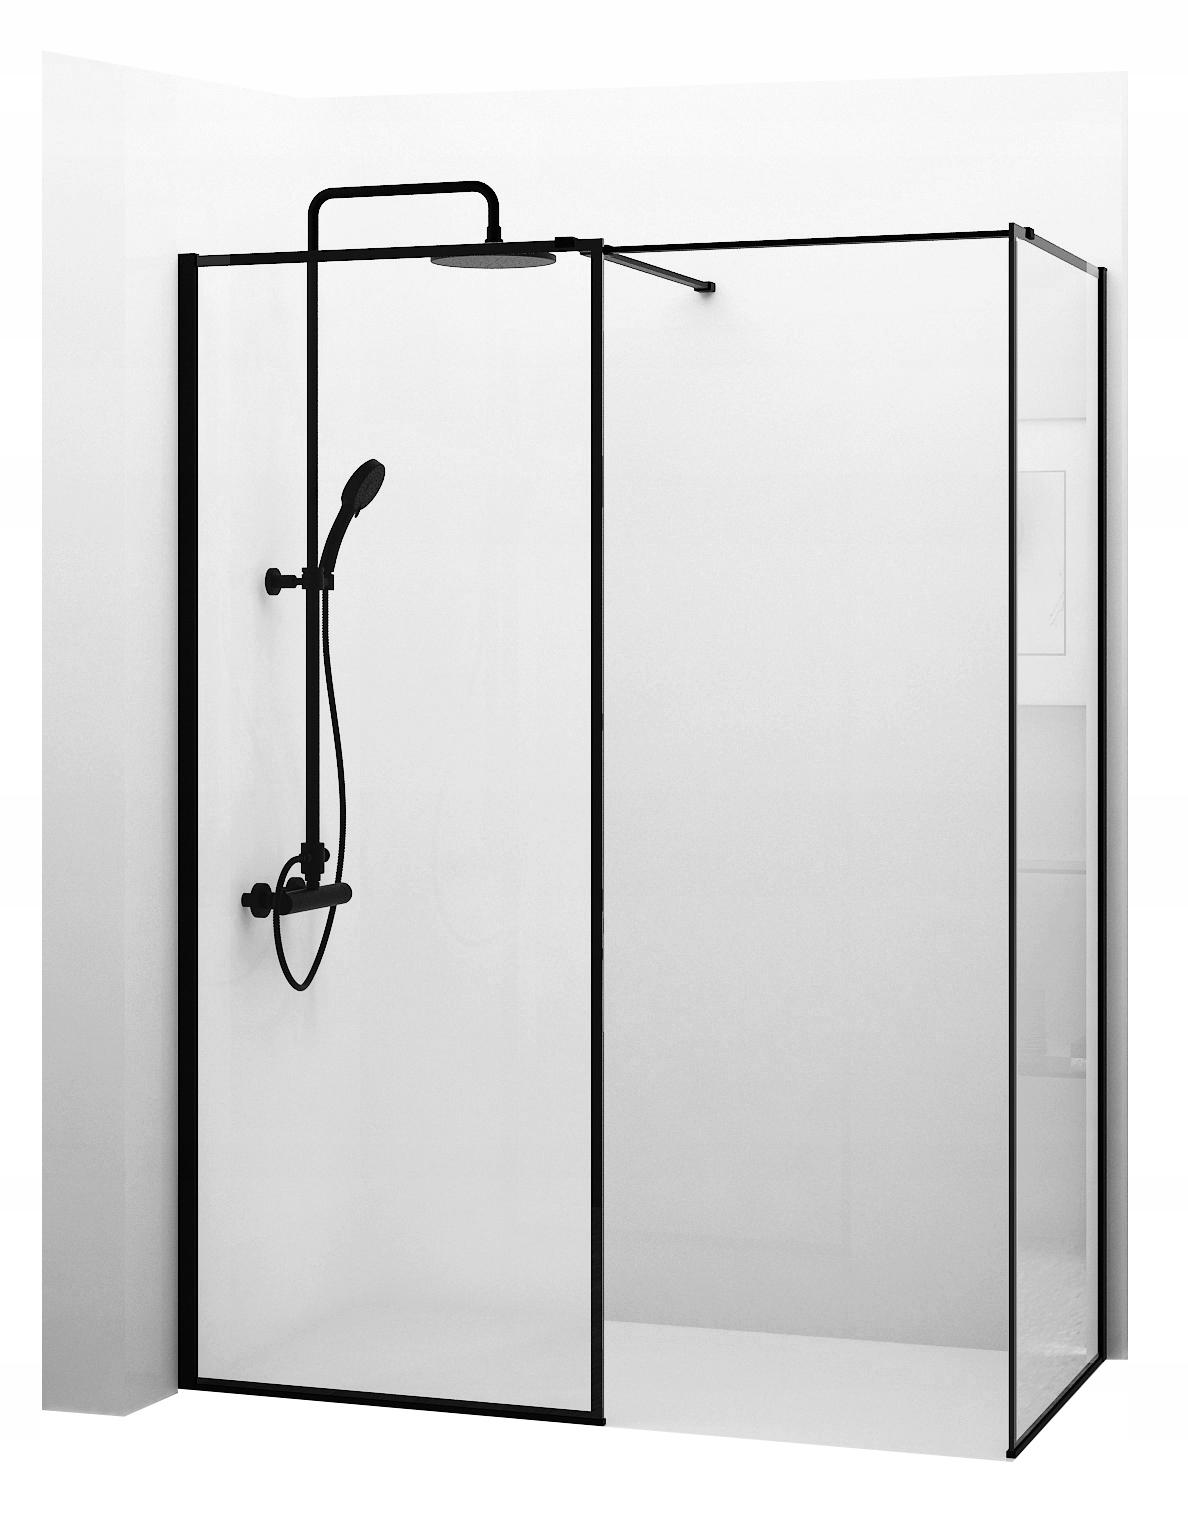 Rohový sprchový kút BLER 120x120 ČIERNY